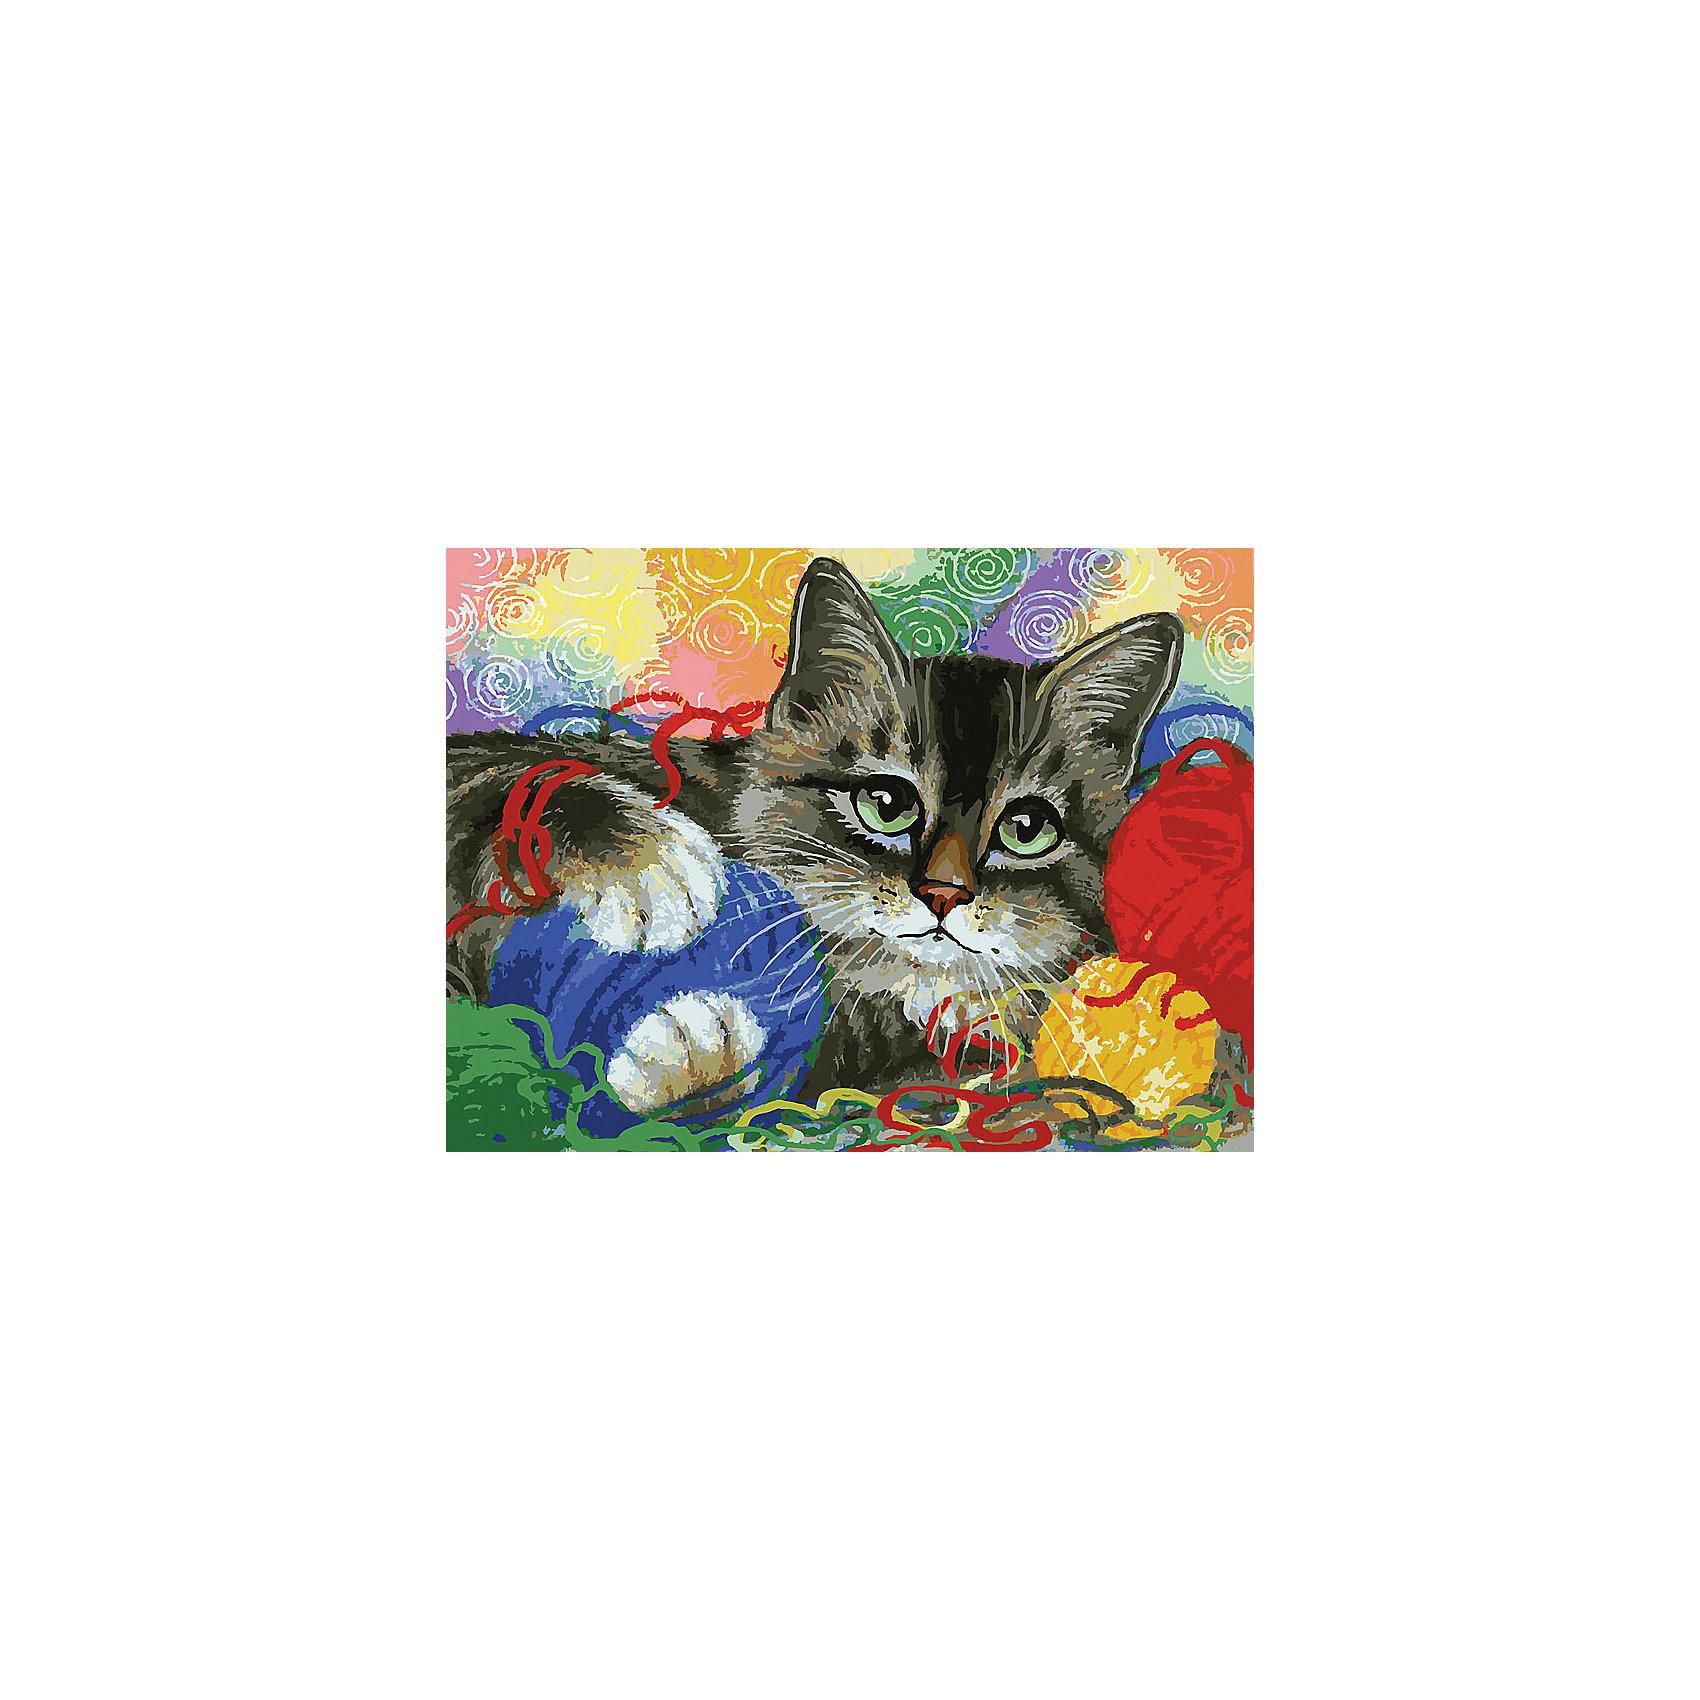 Живопись на холсте 30*40 см Котик с клубочкамиХарактеристики товара:<br><br>• цвет: разноцветный<br>• материал: акрил, картон<br>• размер: 30 x 40 см<br>• комплектация: полотно на подрамнике с контурами рисунка, пробный лист с рисунком, набор акриловых красок, три кисти, крепление на стену для картины<br>• для детей от шести лет и взрослых<br>• не требует специальных навыков<br>• страна бренда: Китай<br>• страна изготовитель: Китай<br><br>Как с удовольствием и пользой провести время? Порисовать! Это занятие, которое любят многие дети и взрослые. Рисование помогает развить важные навыки и просто приносит удовольствие! Чтобы вселить в ребенка уверенность в своих силах, можно предложить ему этот набор - в нем уже есть сюжет, контуры рисунка и участки с номерами, которые обозначают определенную краску из набора. Все оттенки уже готовы, задача художника - аккуратно, с помощью кисточек из набора, нанести краски на определенный участок полотна.<br>Взрослым также понравится этот процесс, рисовать можно и вместе с малышом! В итоге получается красивая картина, которой можно украсить интерьер. Рисование способствует развитию мелкой моторики, воображения, цветовосприятия, творческих способностей и усидчивости. Набор отлично проработан, сделан из качественных и проверенных материалов, которые безопасны для детей. Краски - акриловые, они быстро сохнут и легко смываются с кожи.<br><br>Живопись на холсте 30*40 см Котик с клубочками от торговой марки Белоснежка можно купить в нашем интернет-магазине.<br><br>Ширина мм: 410<br>Глубина мм: 310<br>Высота мм: 25<br>Вес г: 567<br>Возраст от месяцев: 72<br>Возраст до месяцев: 144<br>Пол: Унисекс<br>Возраст: Детский<br>SKU: 5089713